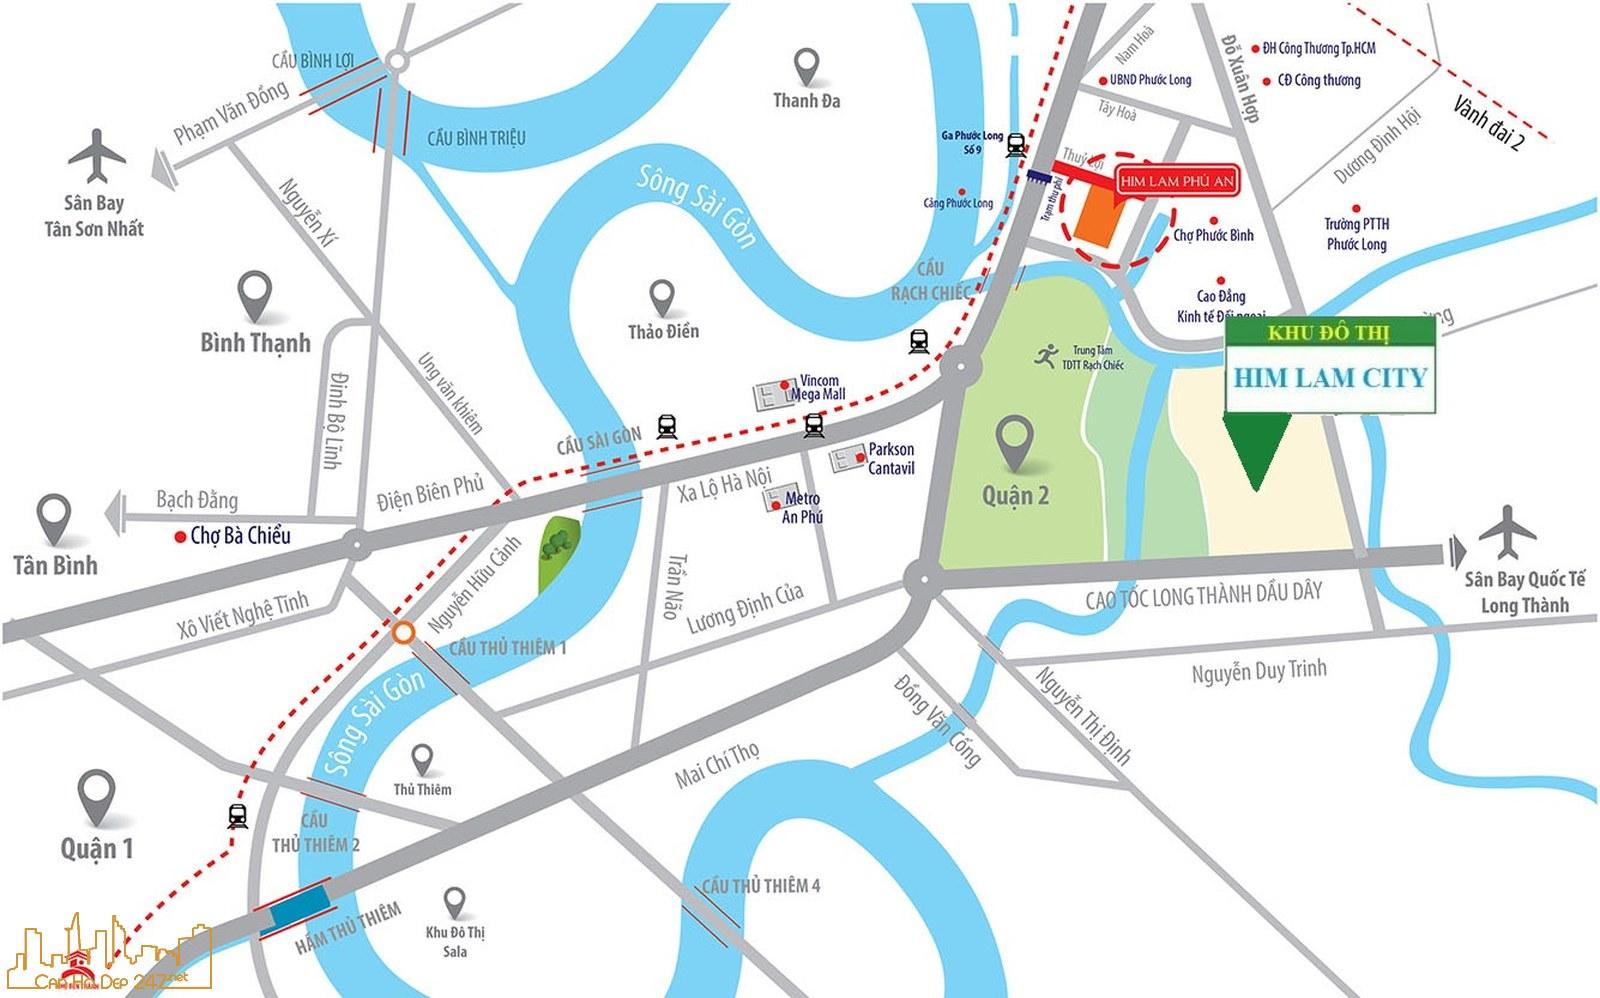 Vị trí Khu đô thị Him Lam City Quận 2